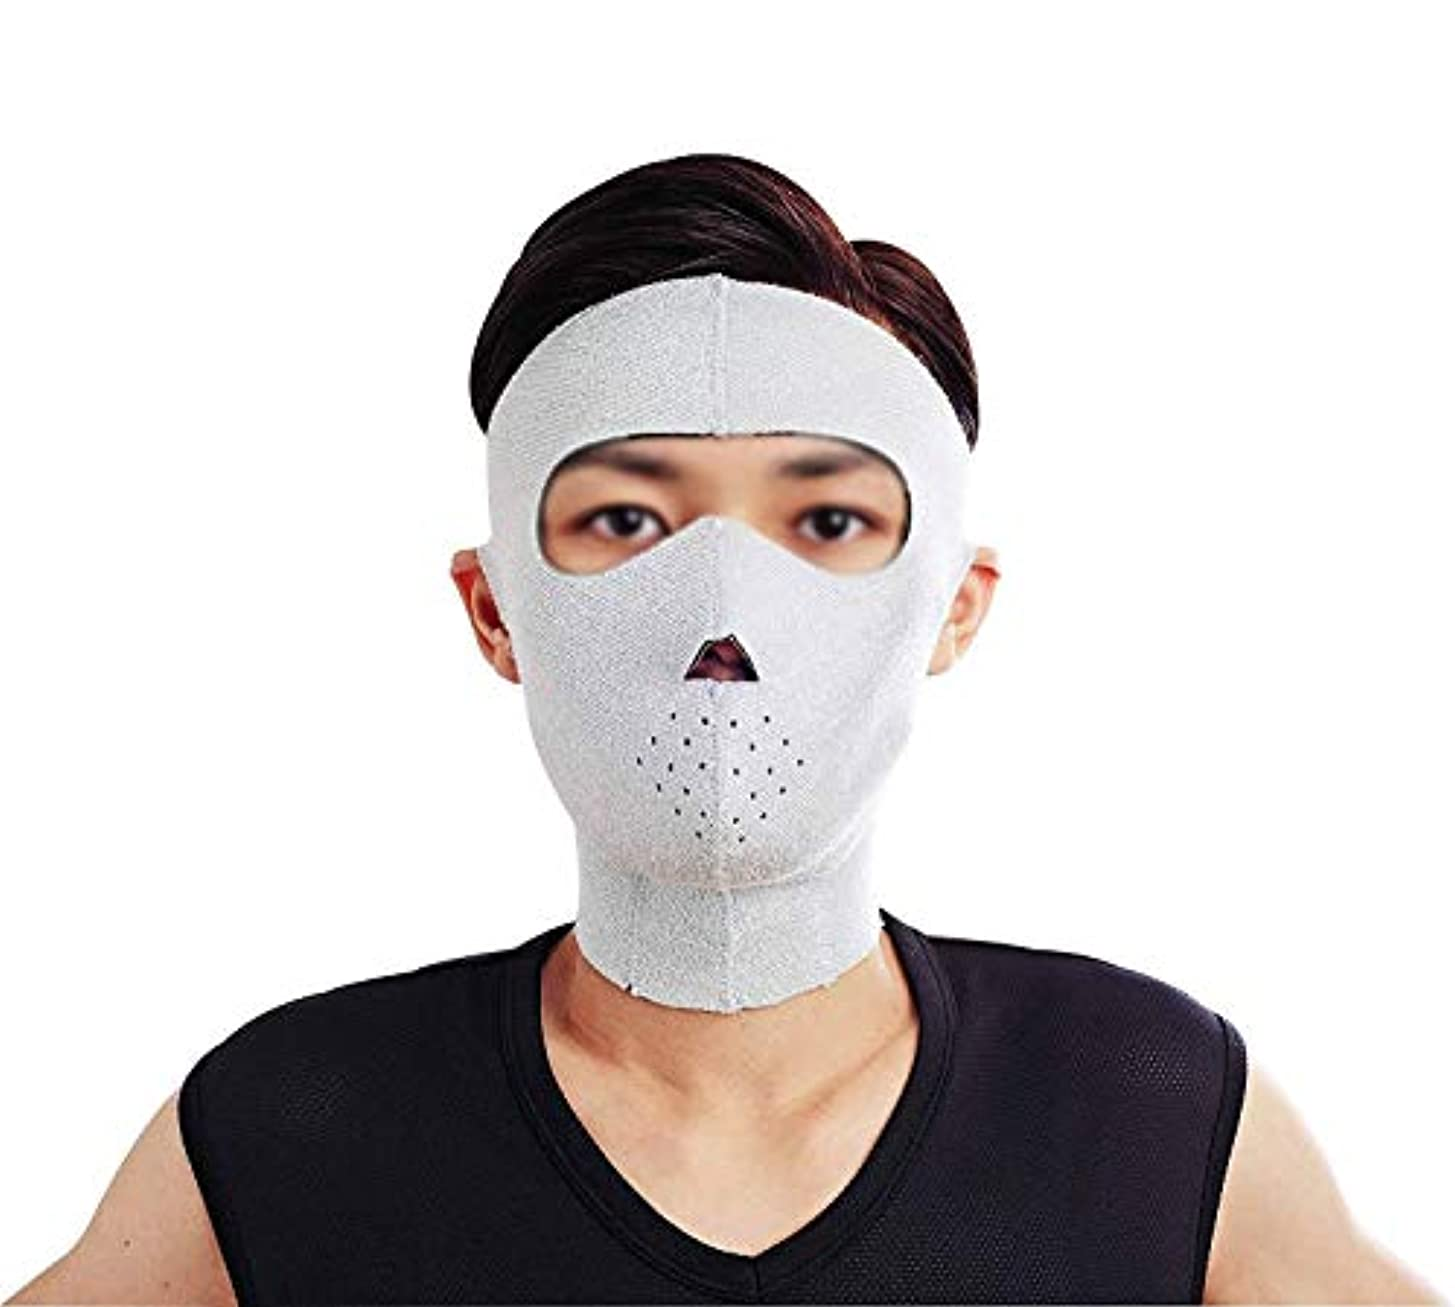 考古学スカーフ休みフェイスリフトマスク、フェイシャルマスクプラス薄いフェイスマスクタイトなたるみの薄いフェイスマスクフェイシャル薄いフェイスマスクアーティファクトビューティー男性ネックストラップ付き